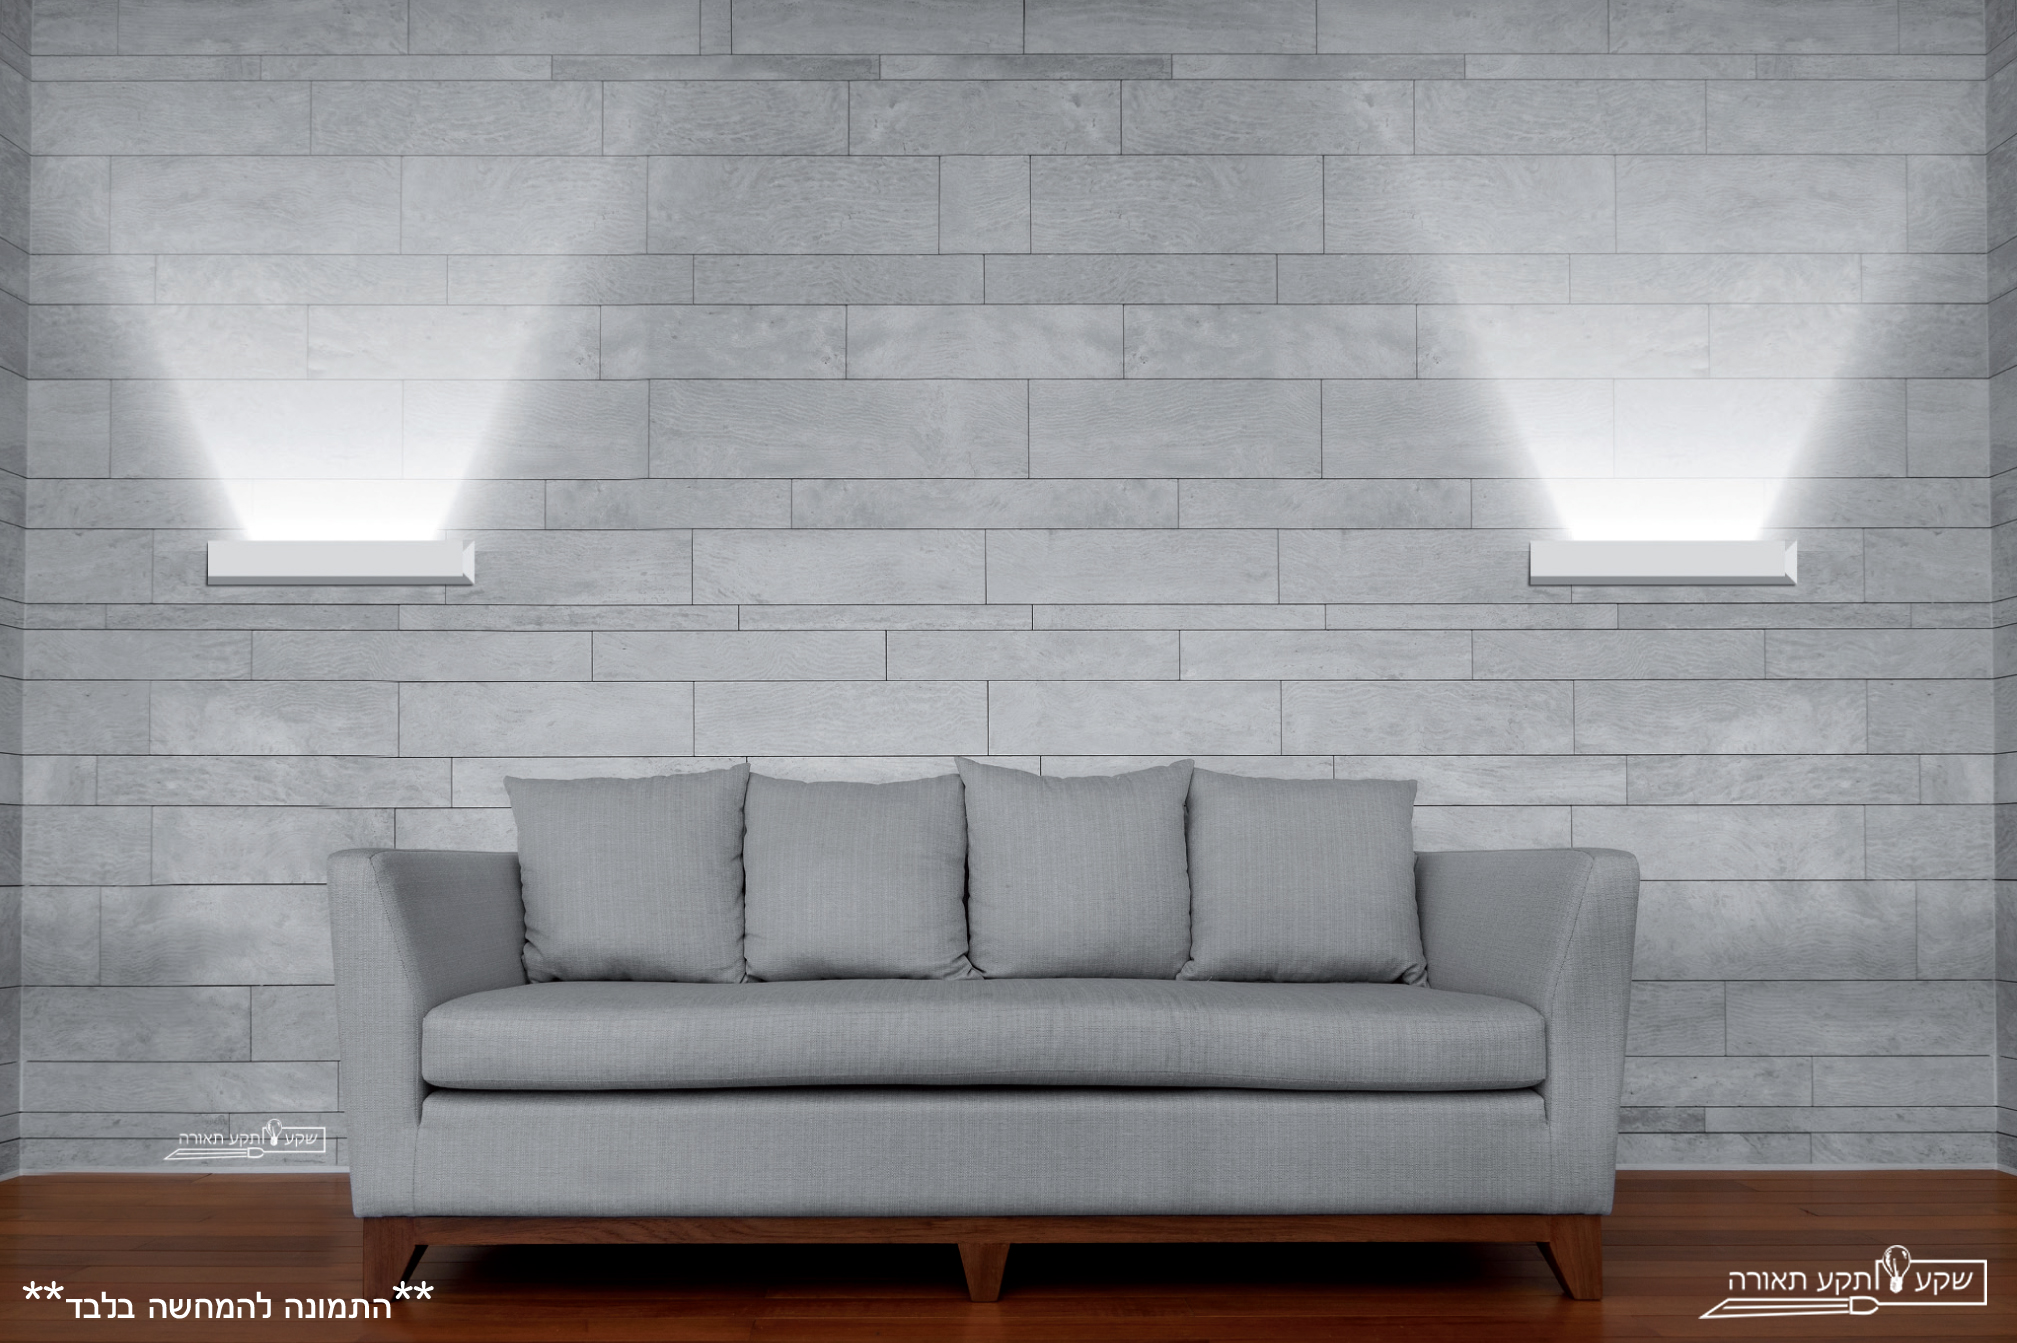 תאורת קיר אפלייט,צורת מלבן, דקורטיבית, לפינת ישיבה